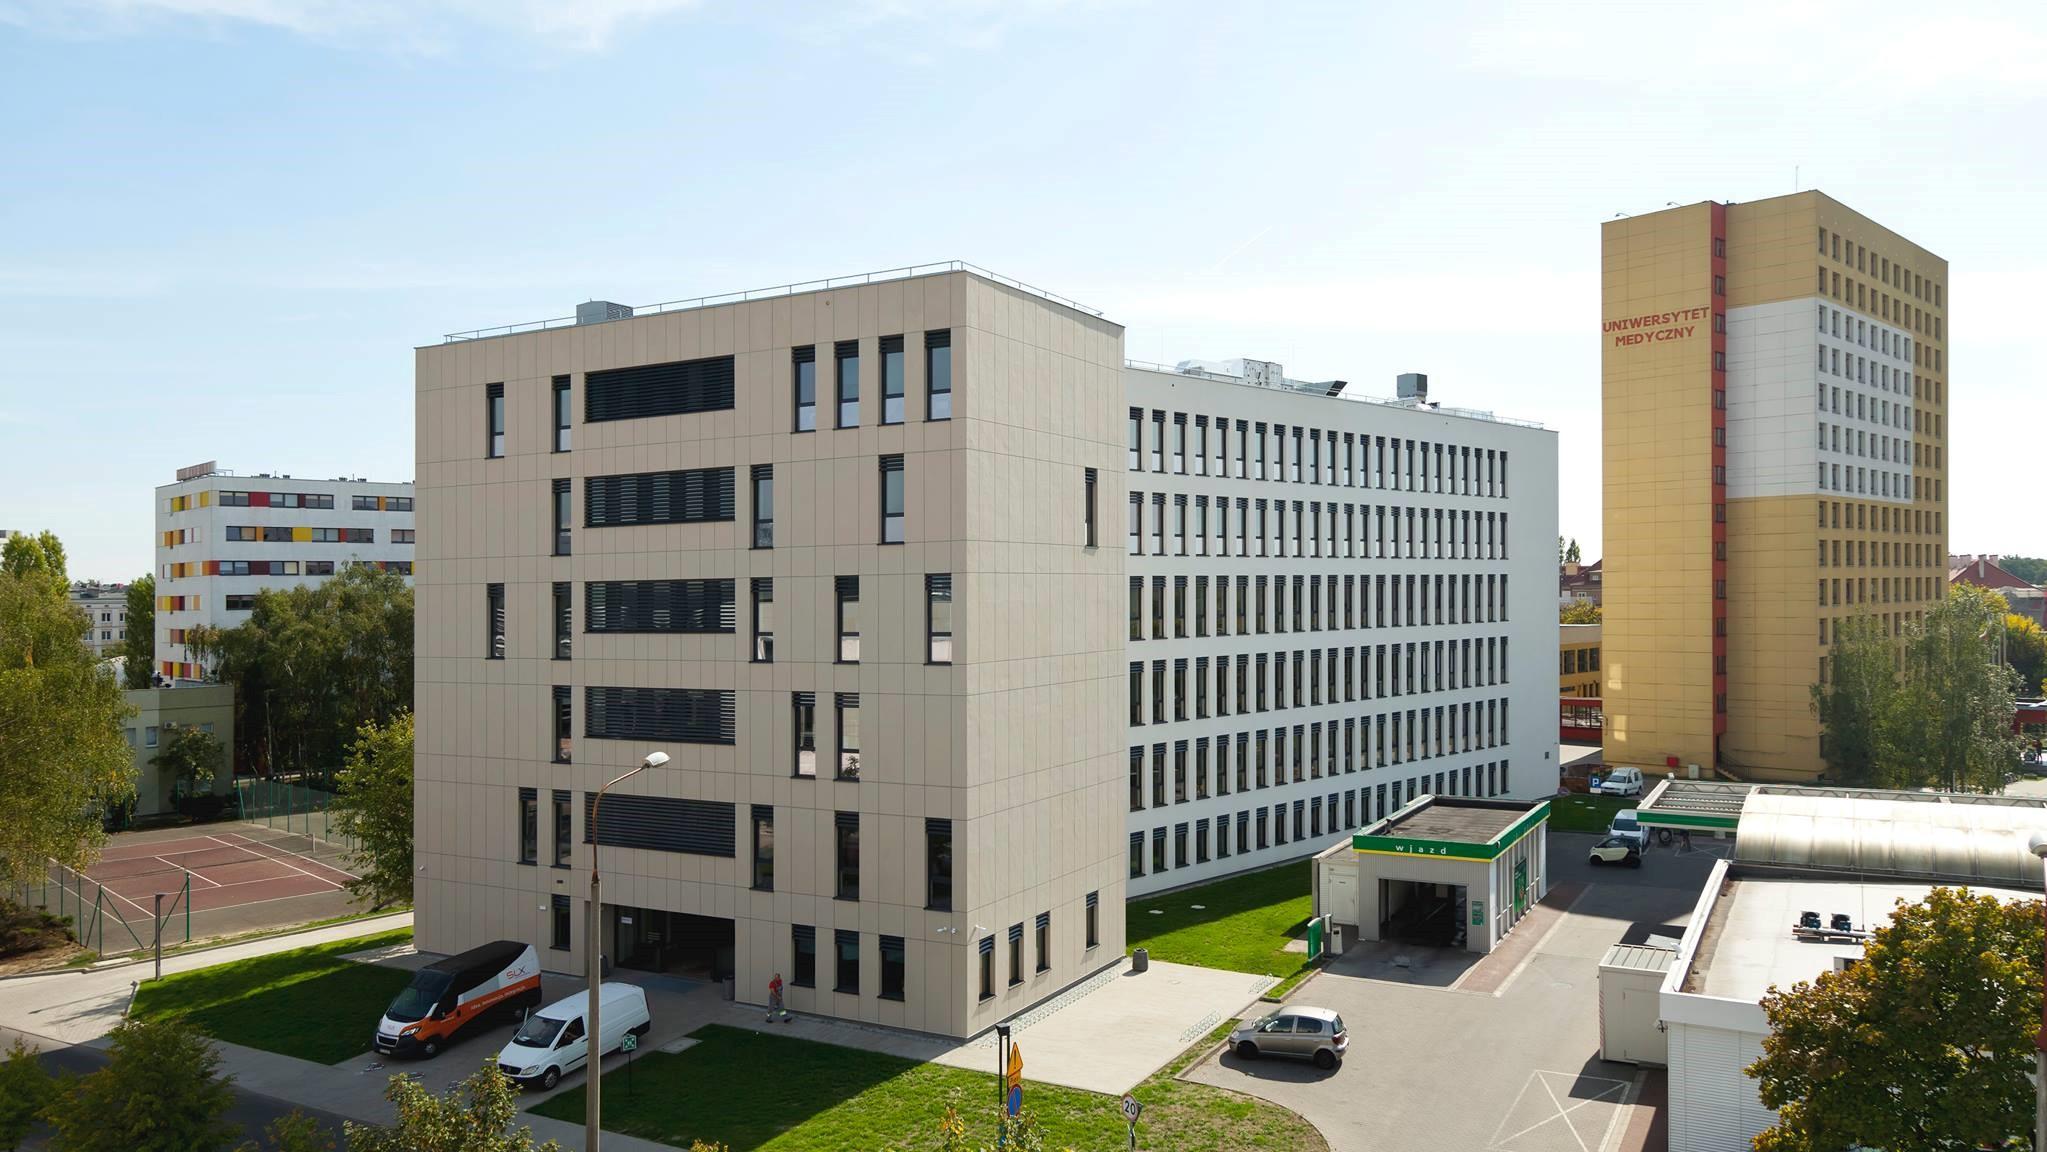 Centrum Symulacji Medycznej w Poznaniu - FB: Centrum Symulacji Medycznej w Poznaniu